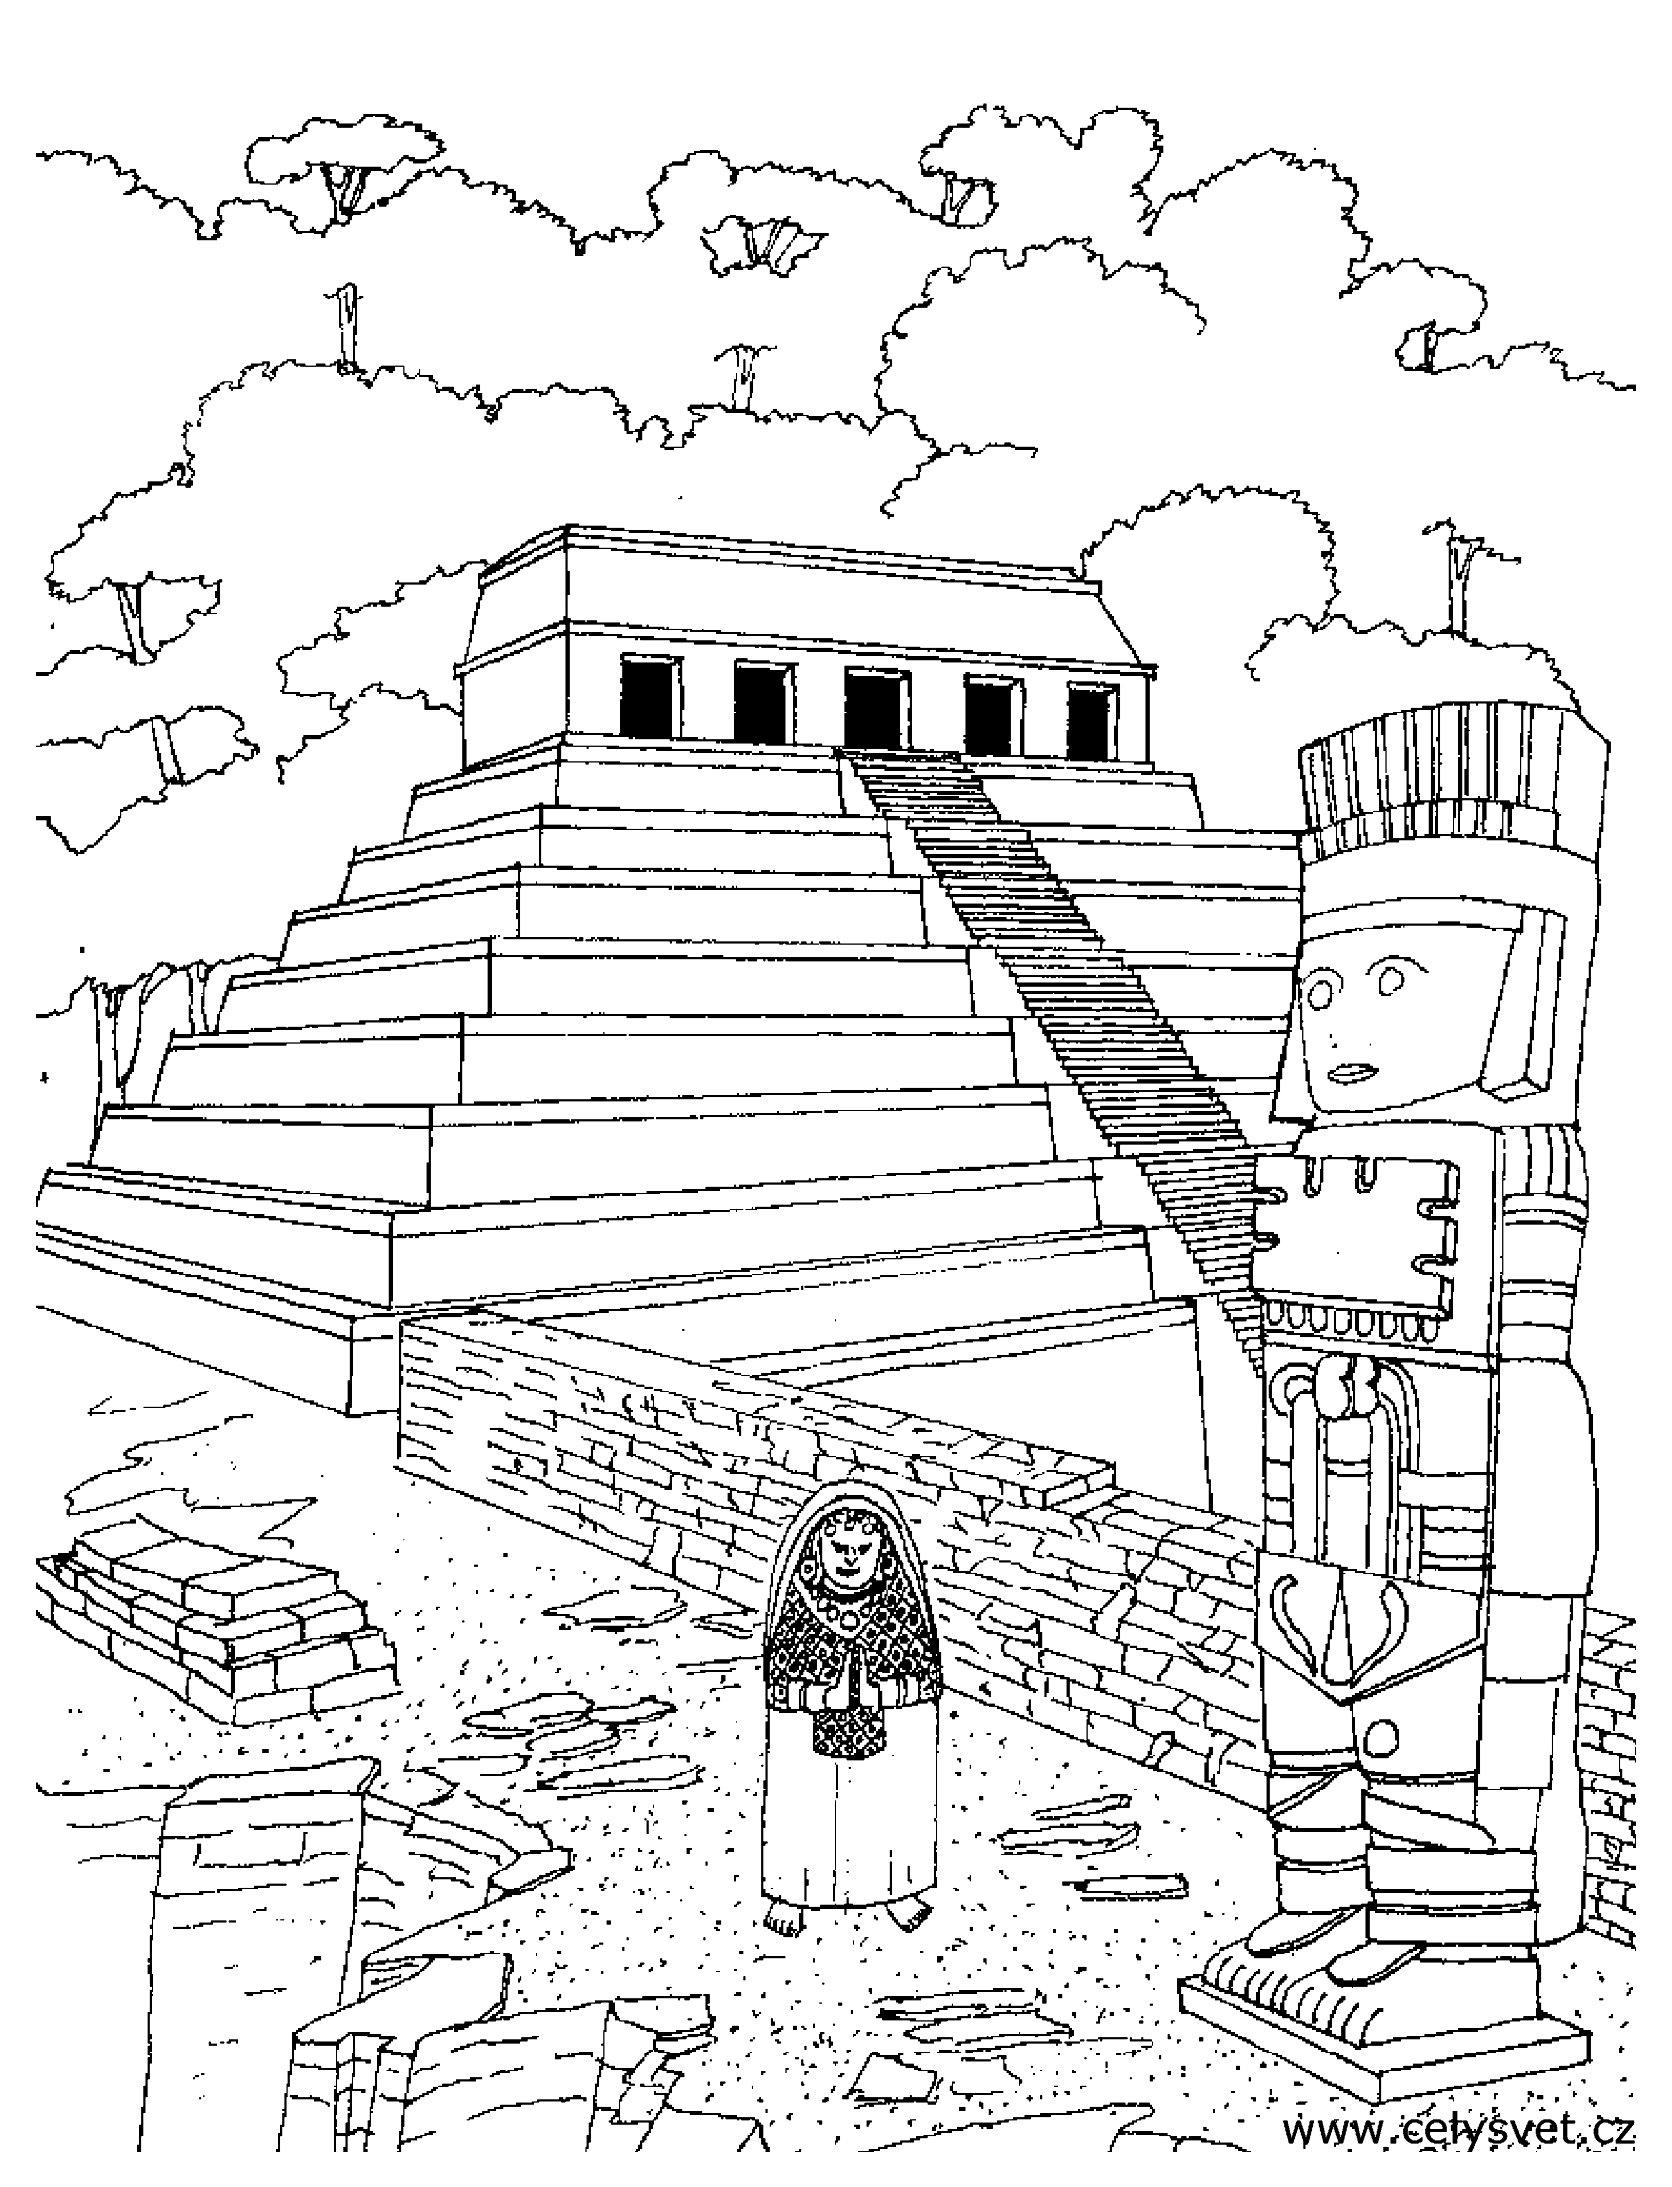 Mayas aztecas e incas 29967 - Mayas, Aztecas e Incas - Colorear para ...